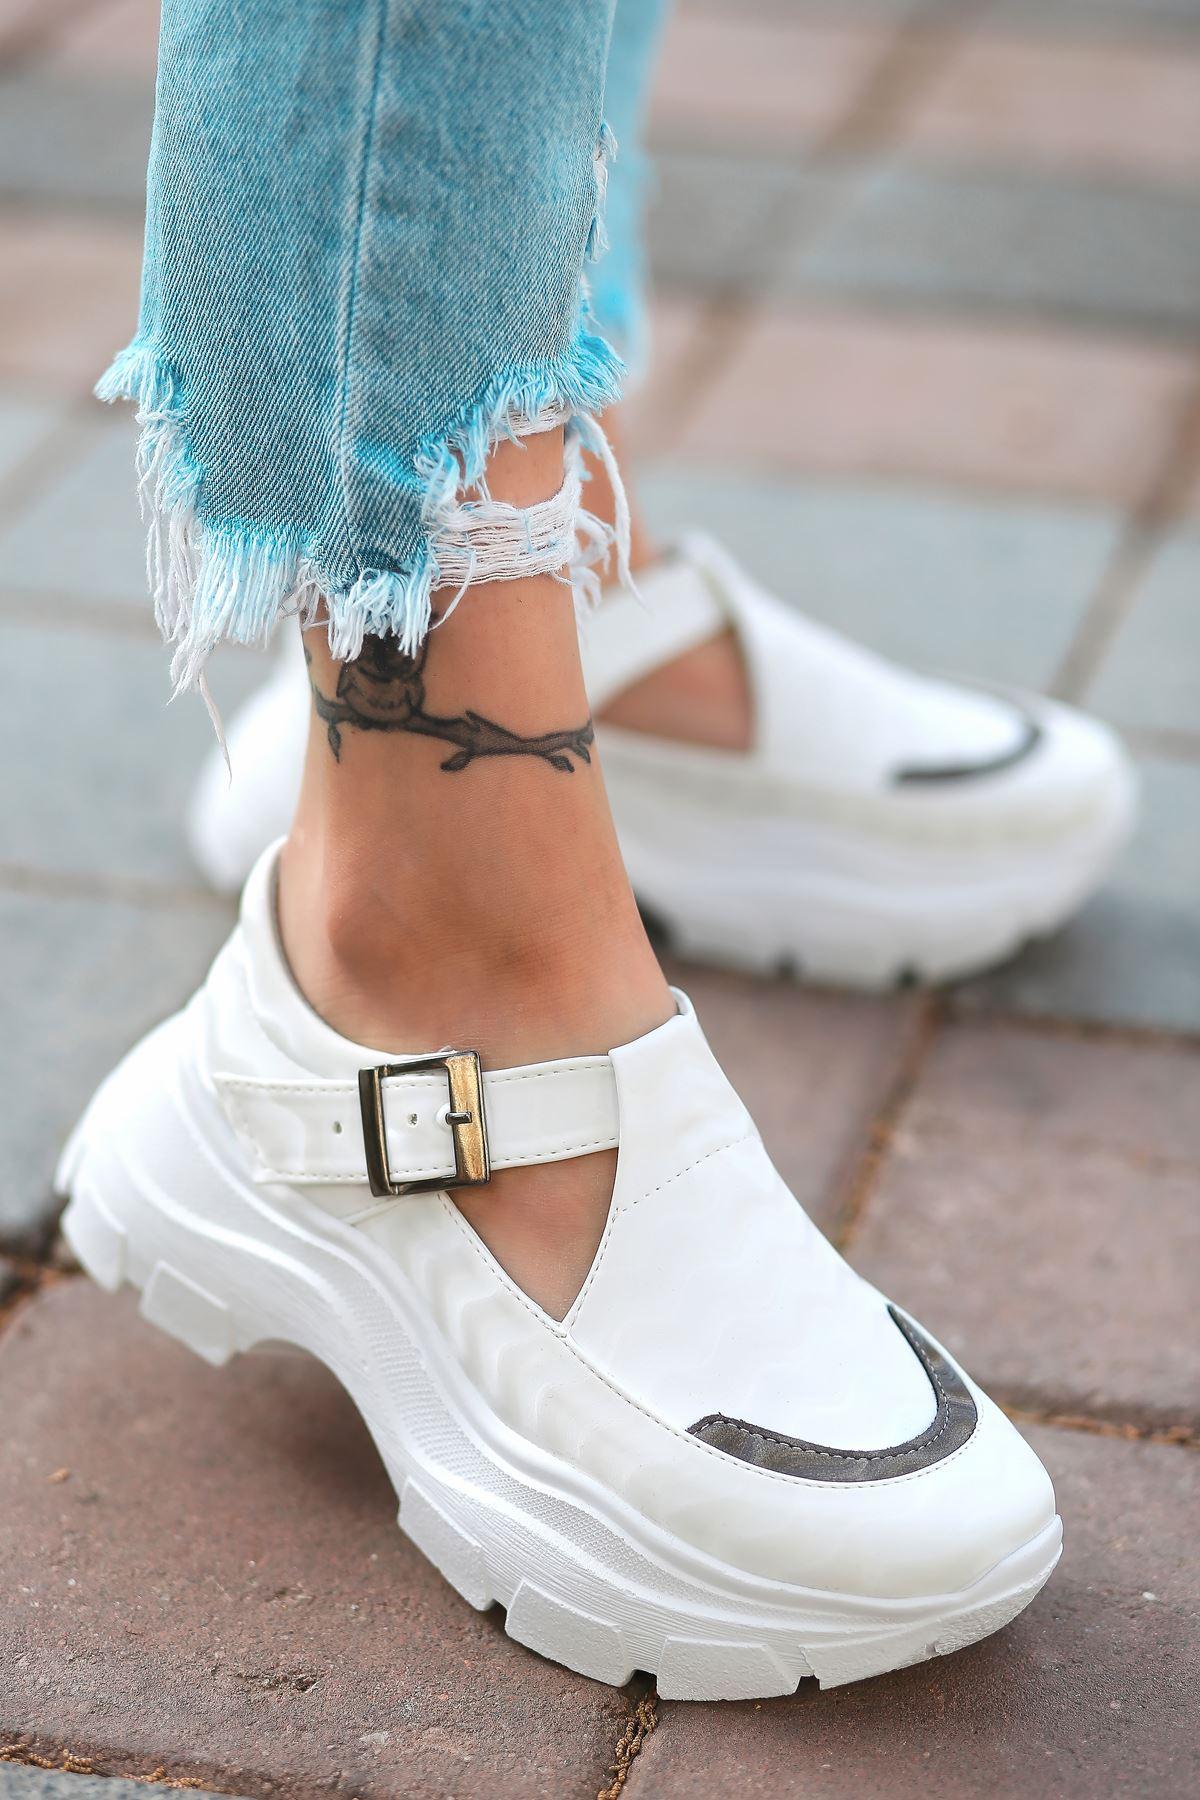 Moscow Dalga Desen Detaylı Beyaz Kadın Ayakkabı